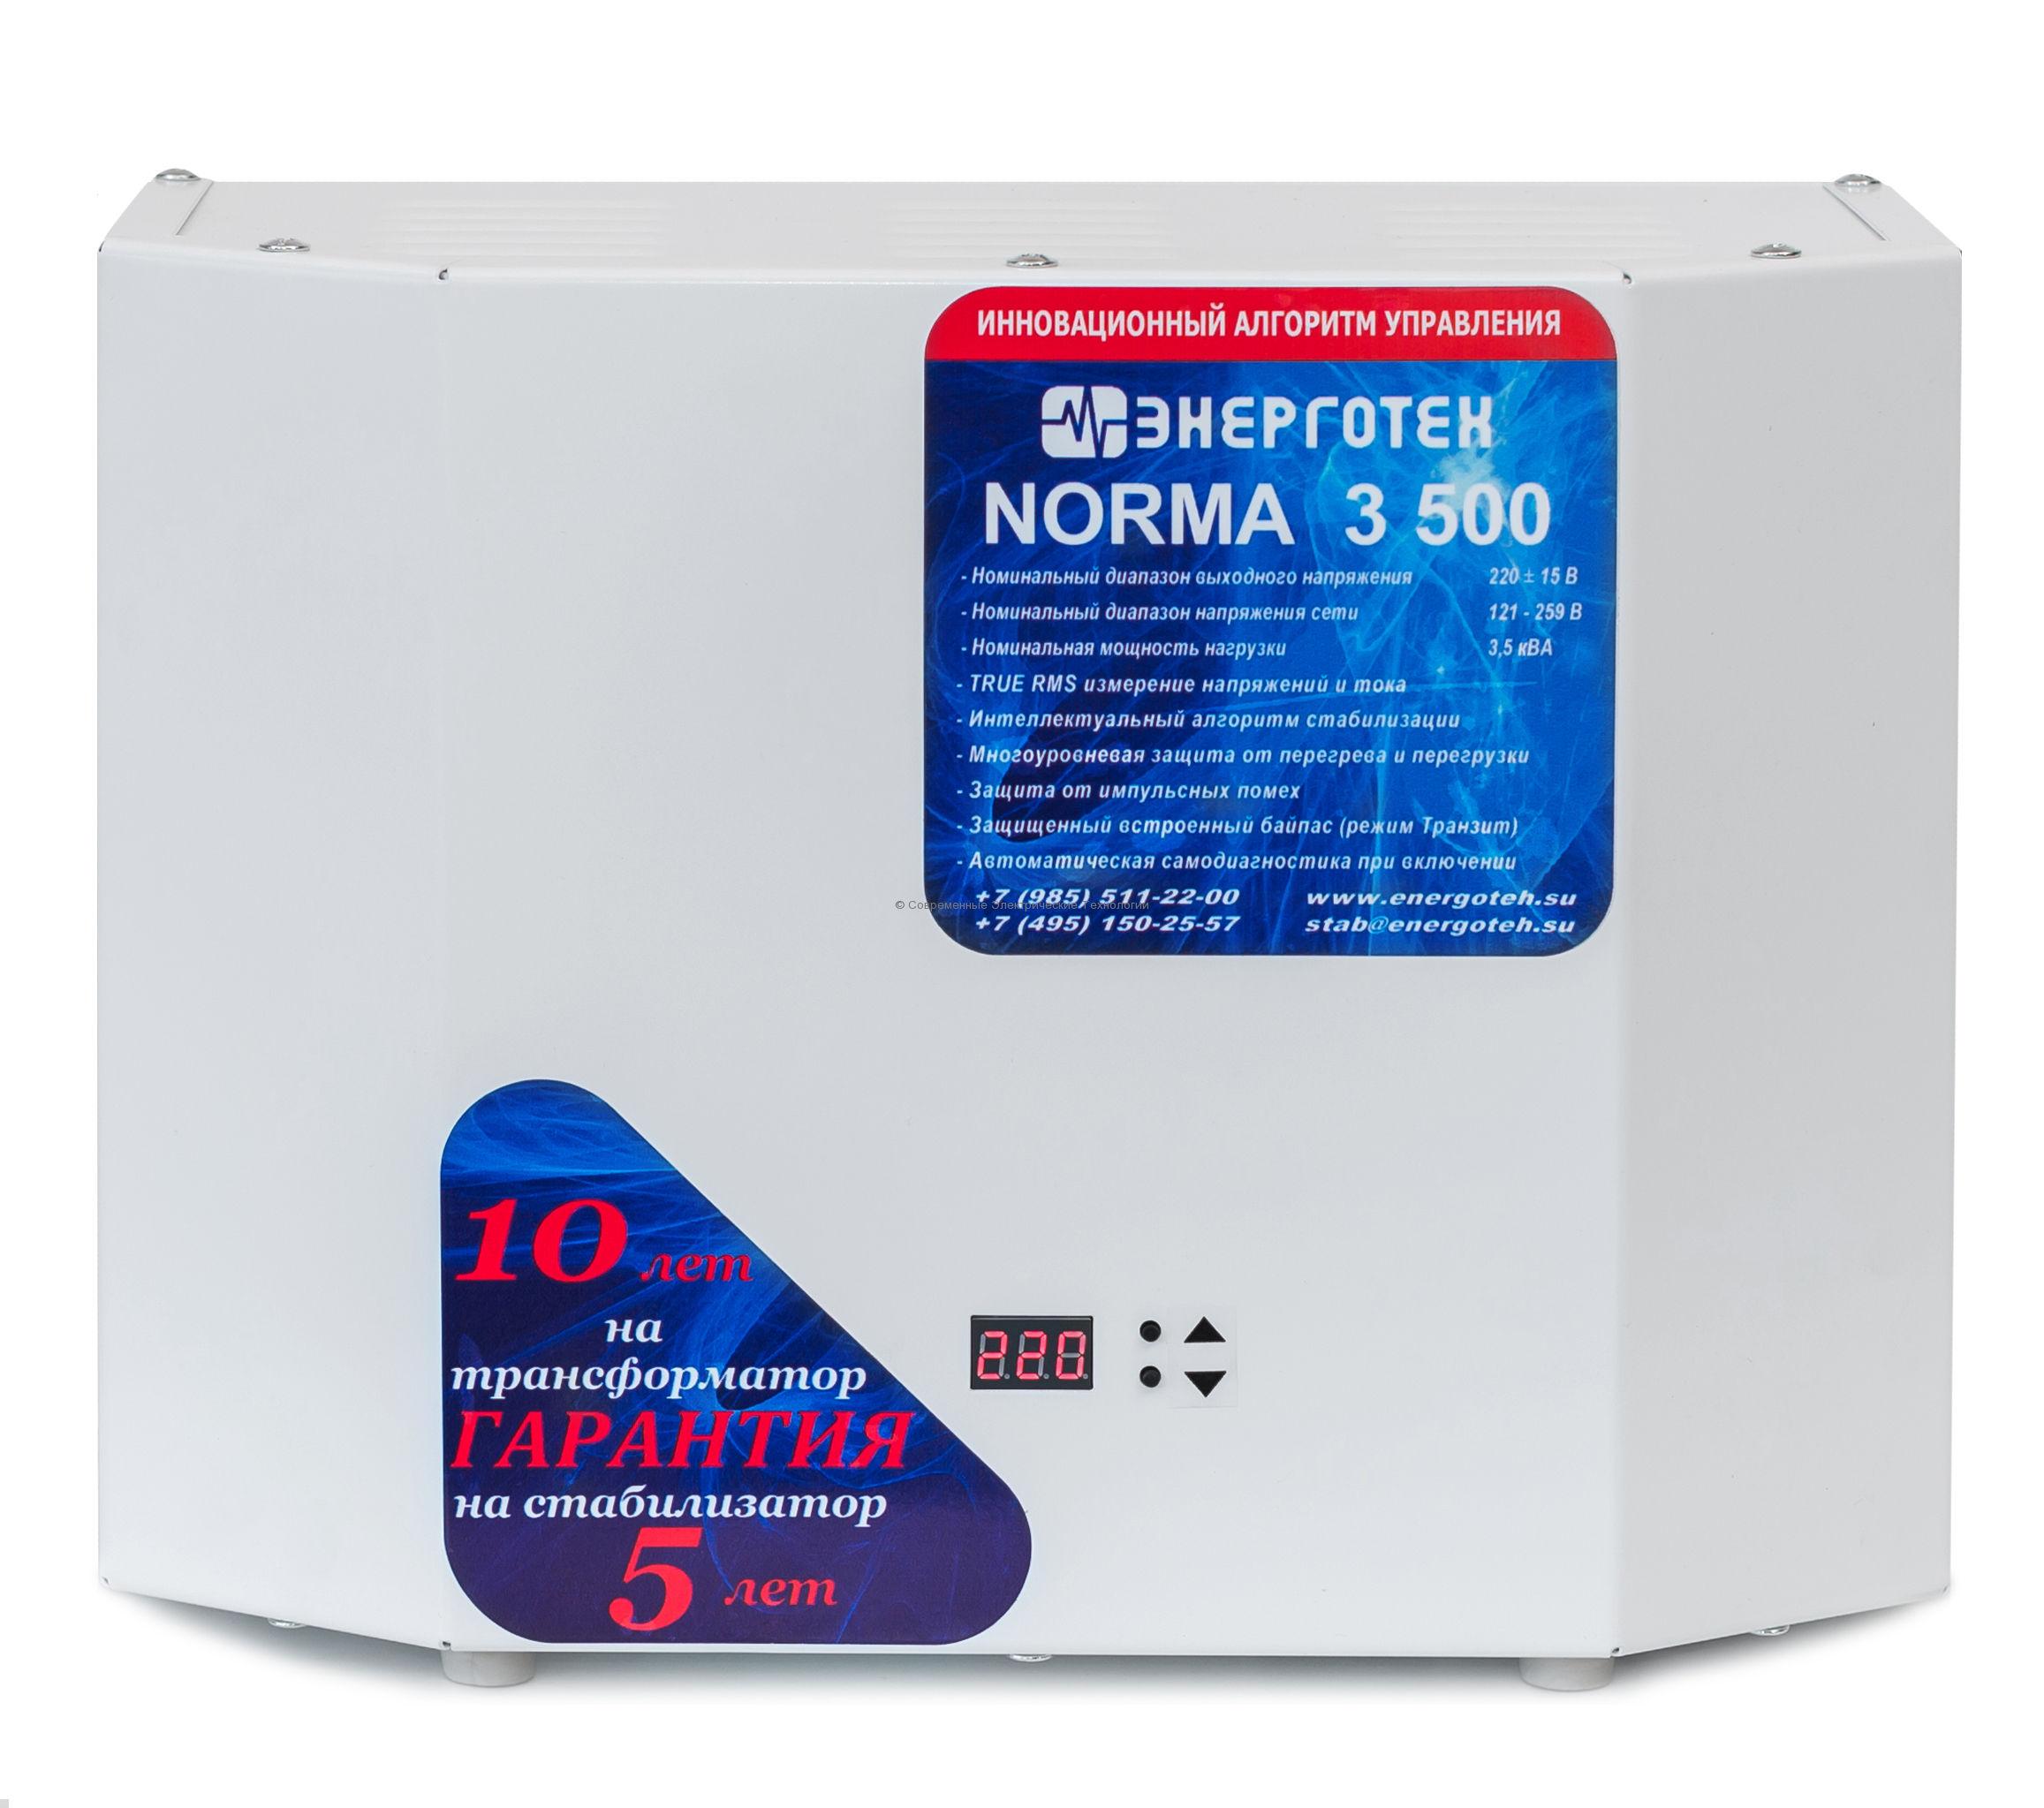 Стабилизатор напряжения ЭНЕРГОТЕХ NORMA 3500 (HV) ±15В 161-299В